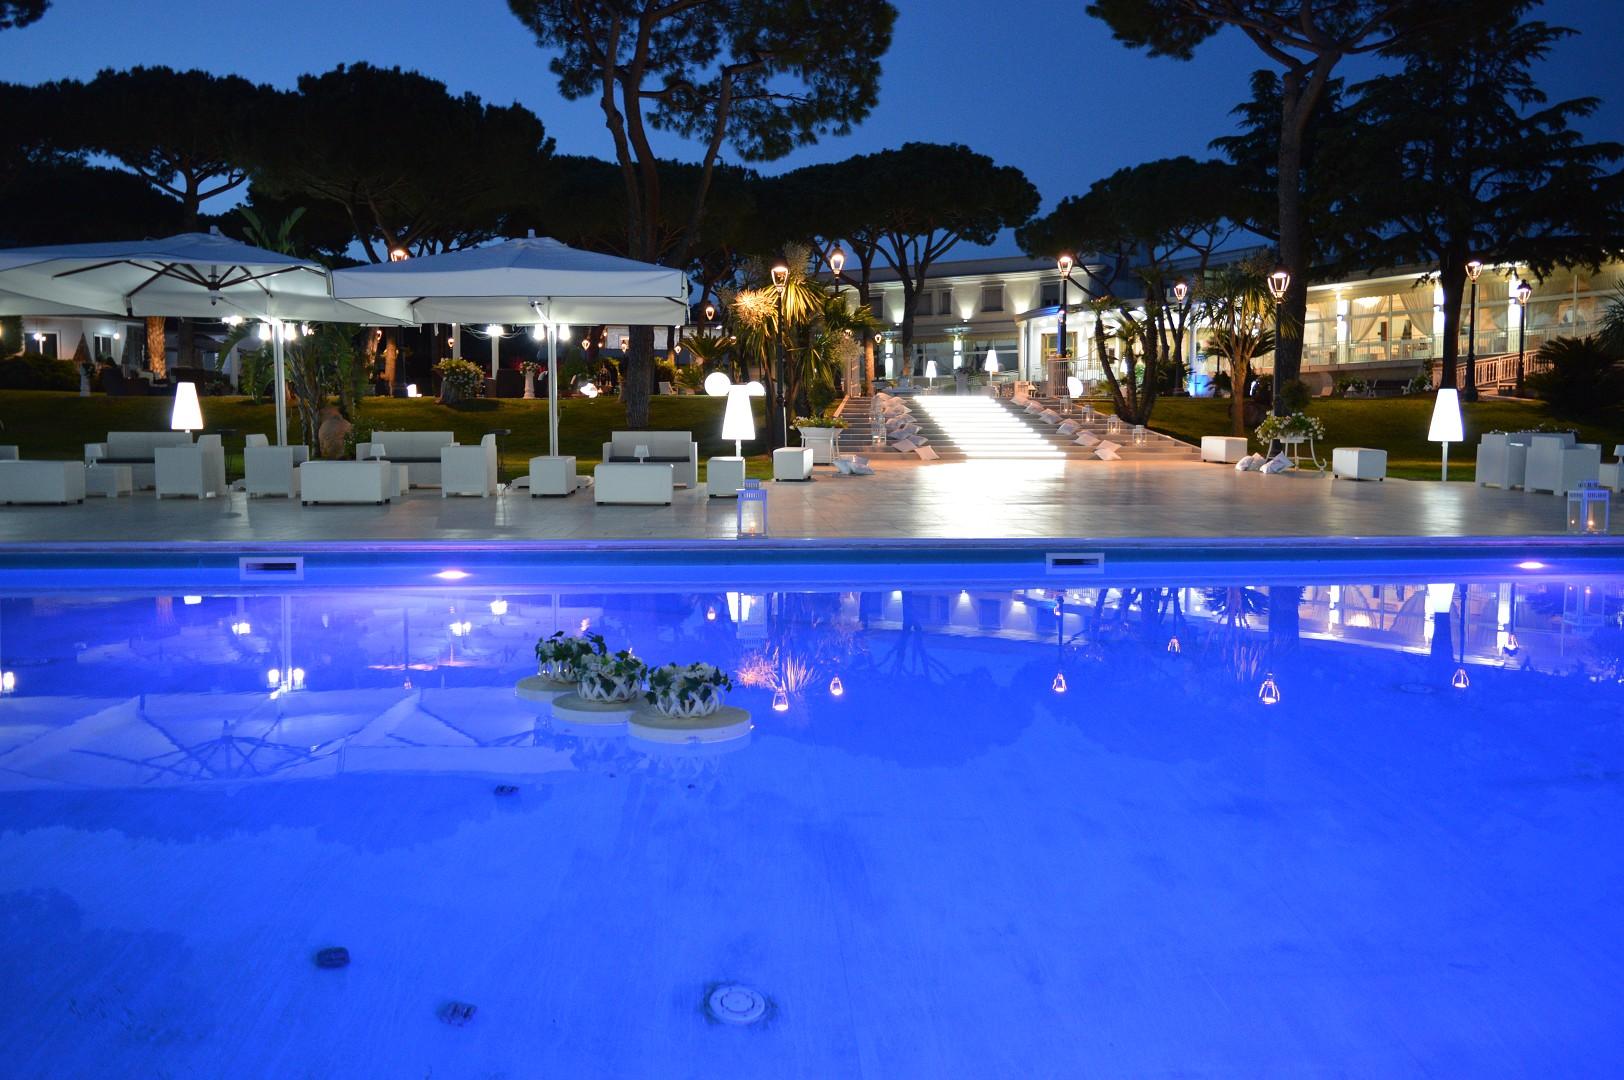 Royal vesuvio ristorante con piscina napoli location con for Piscina z